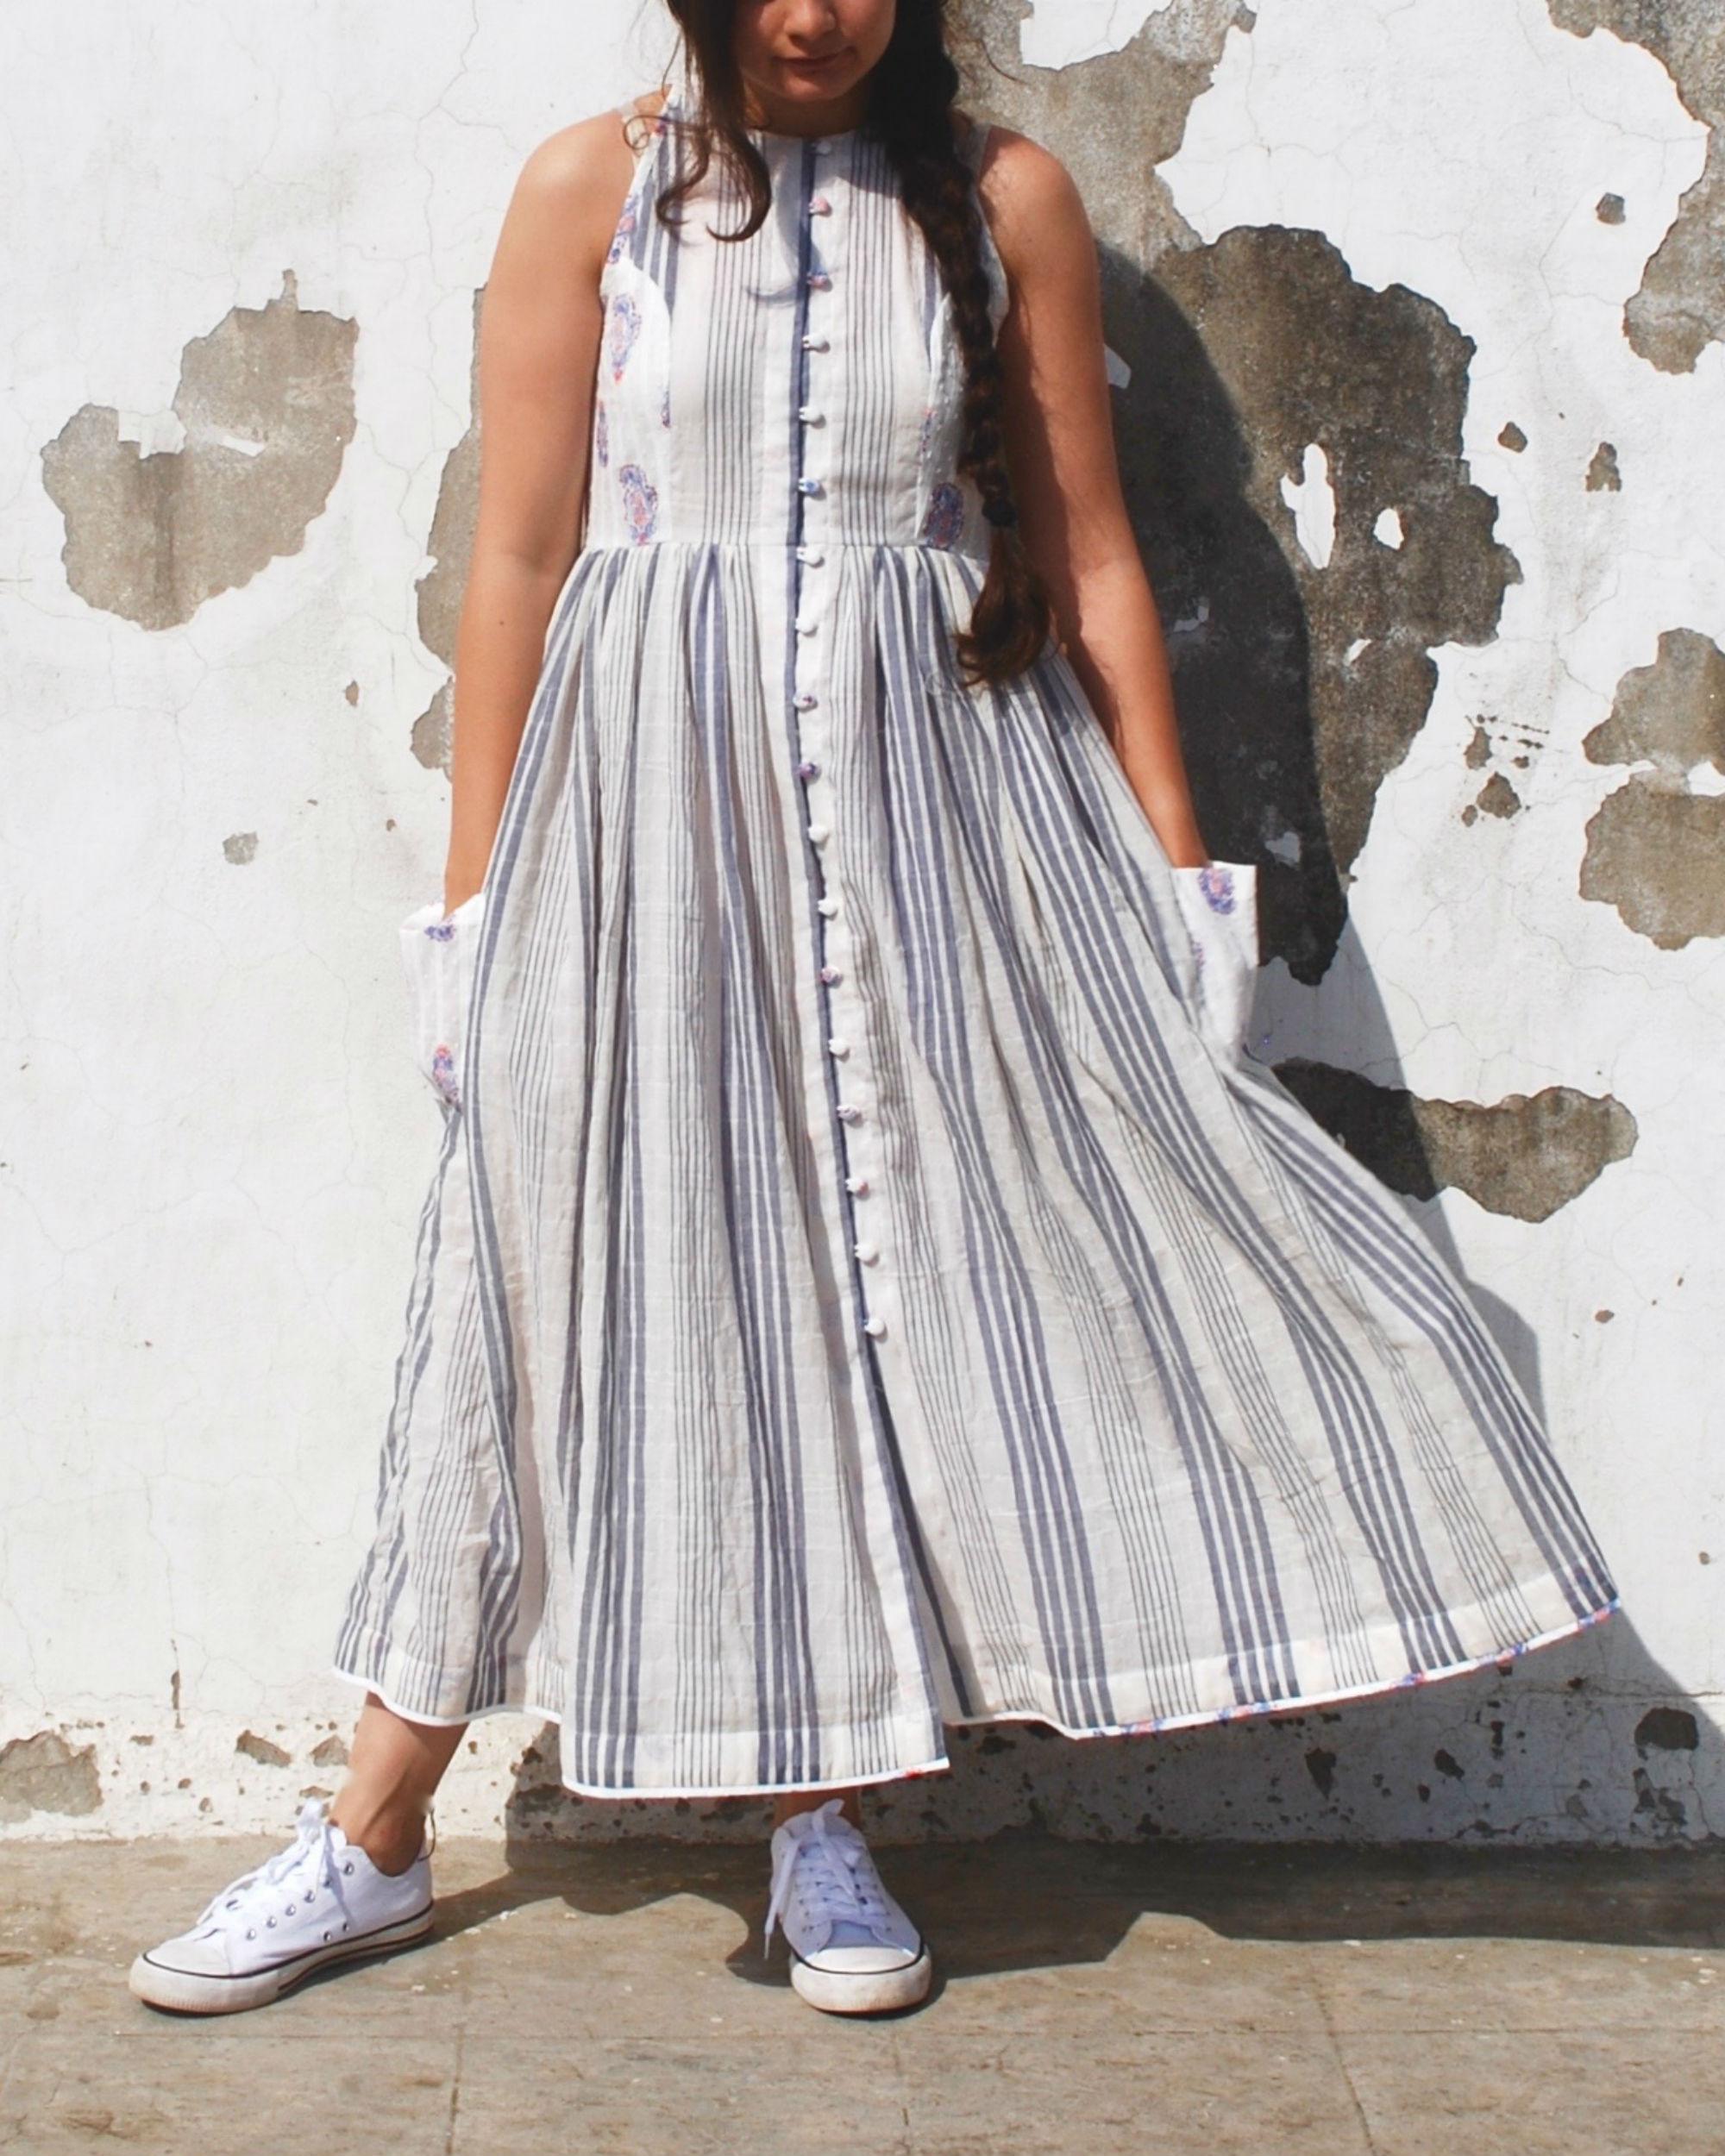 Vertical summer dress